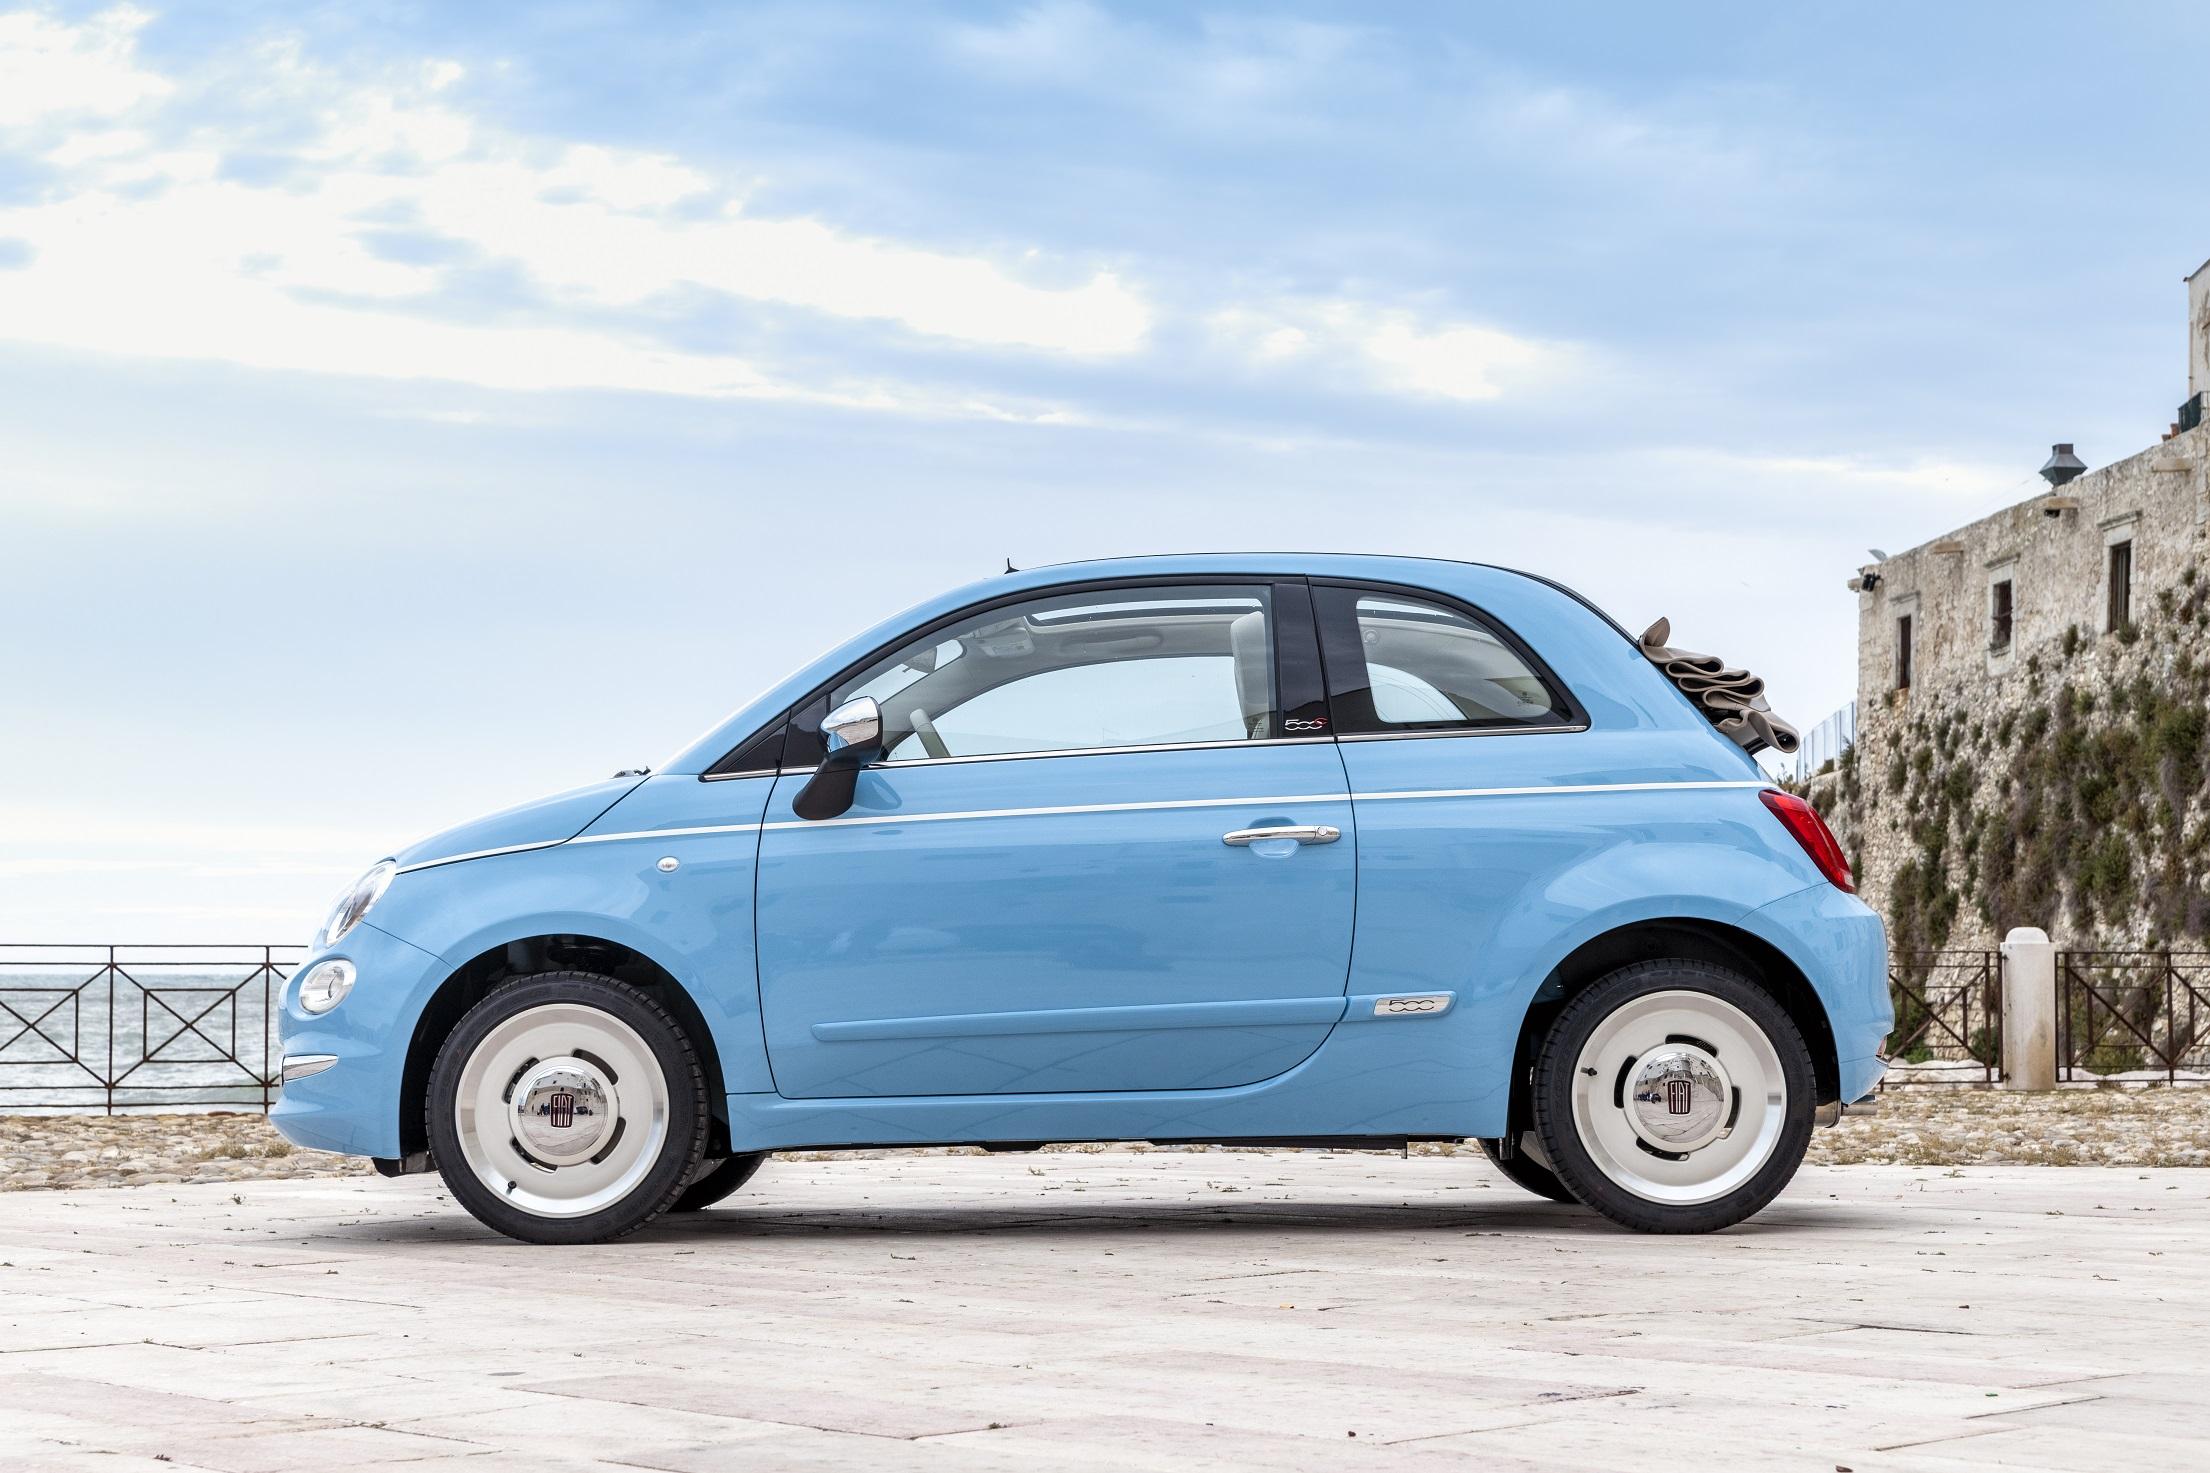 Fiat 500 Spiaggina 58 Tributo Al 60 Compleanno Motoritalia Org